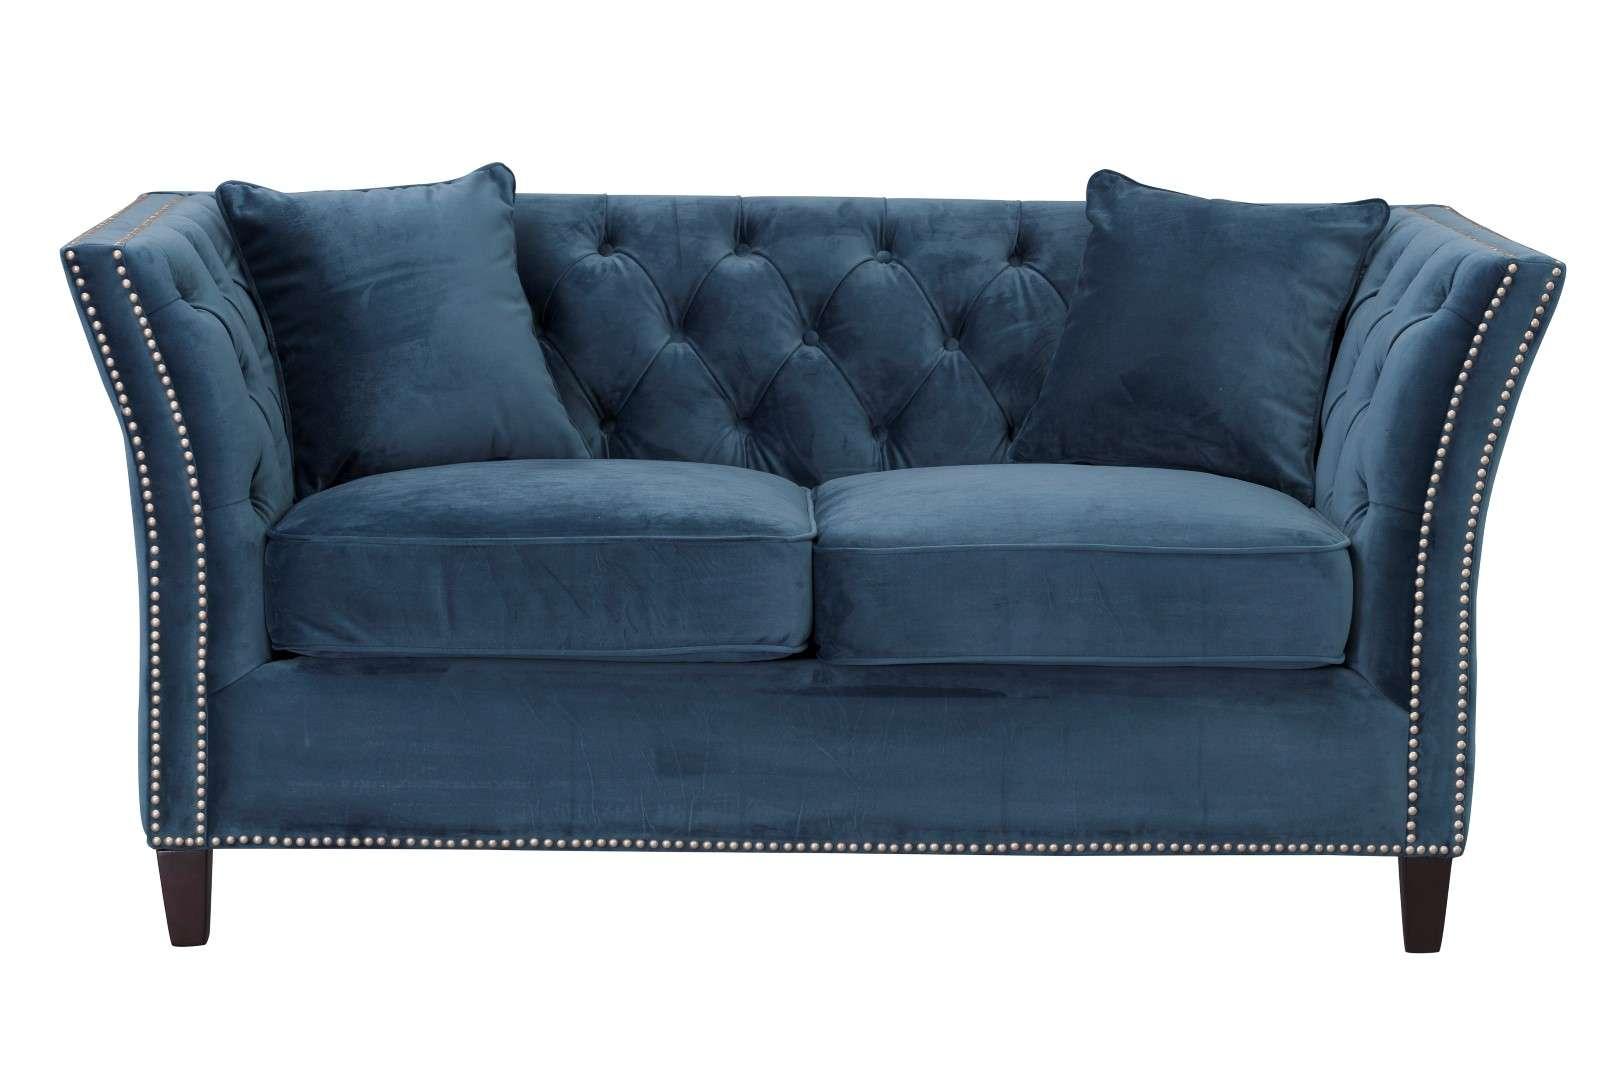 Sofa Chesterfield Modern Velvet Midnight 2-Sitzer